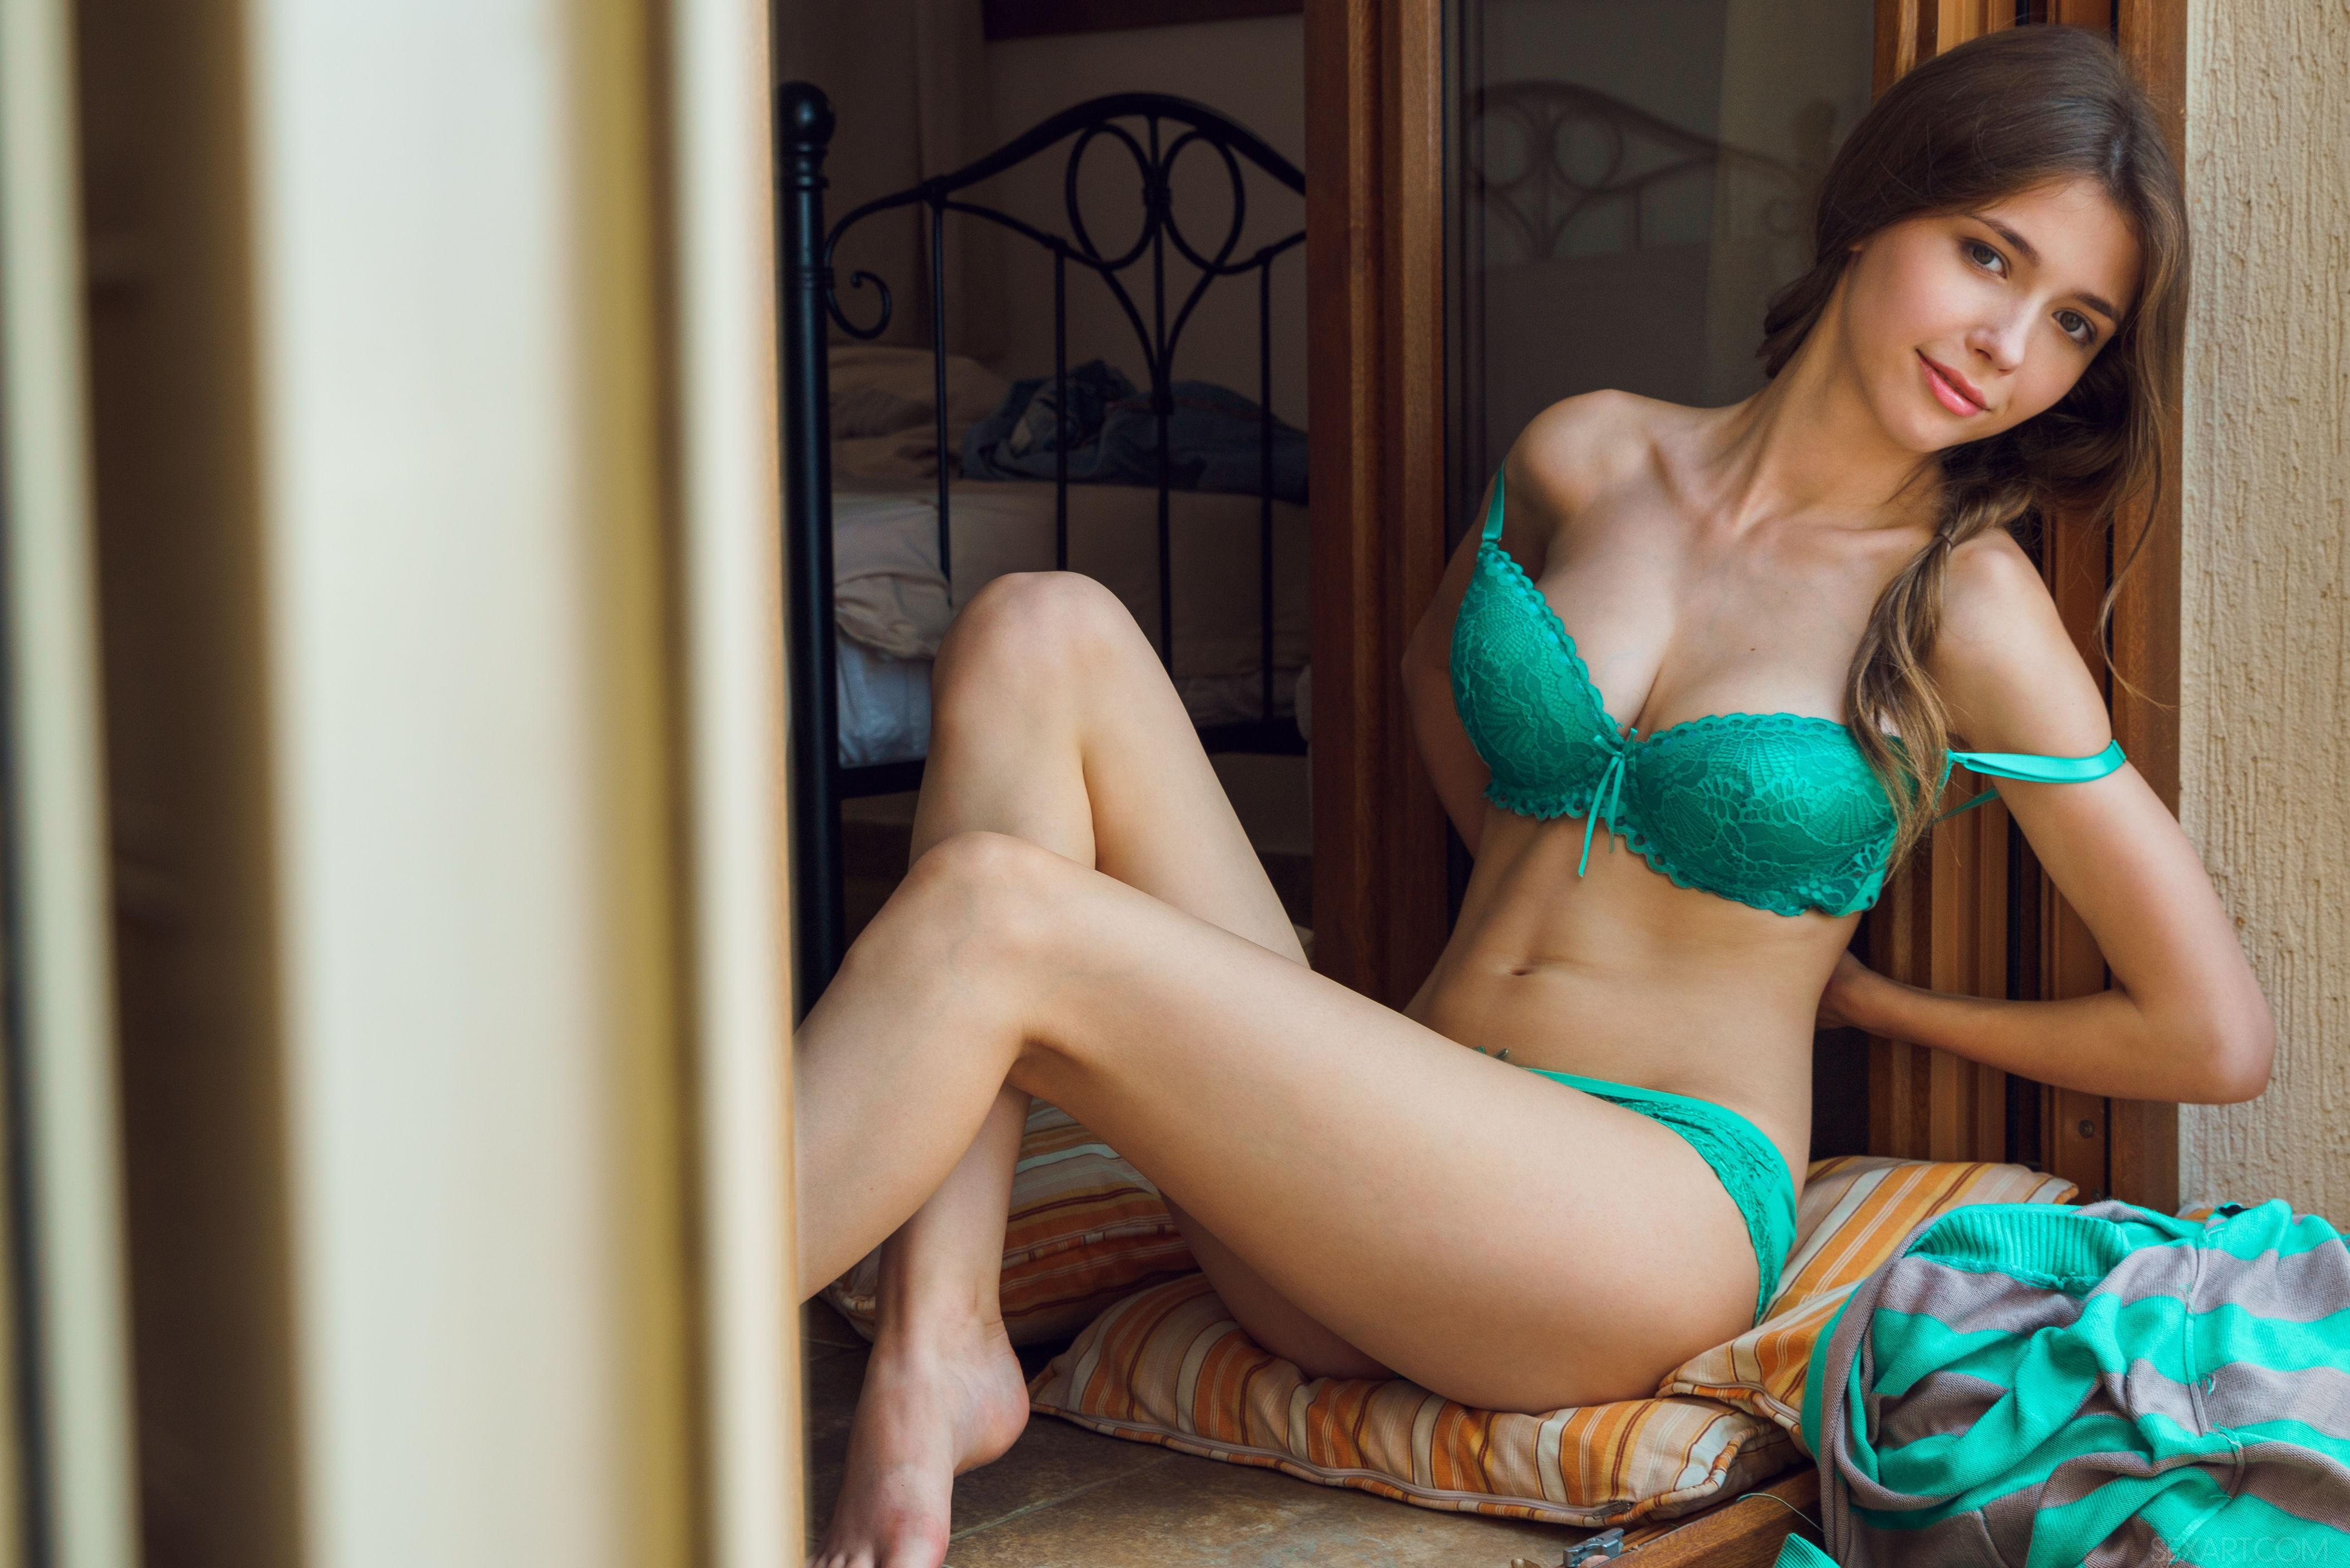 snimaet-s-sebya-odezhdu-video-seks-posmotret-podrochit-domashniy-neprofessionalniy